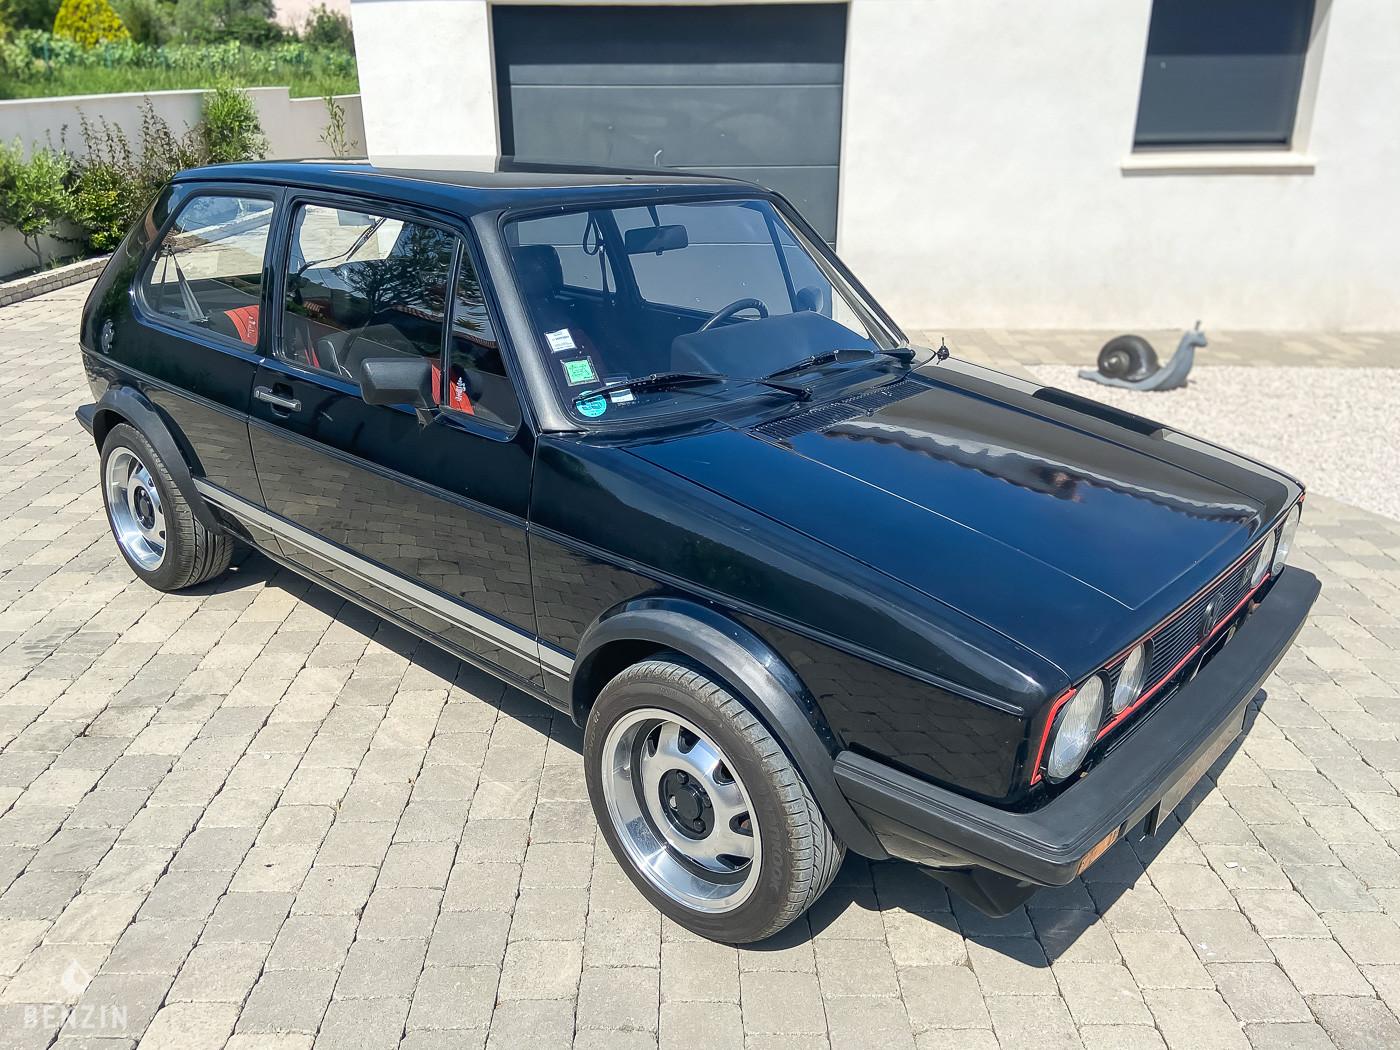 VW Golf GTI 1800